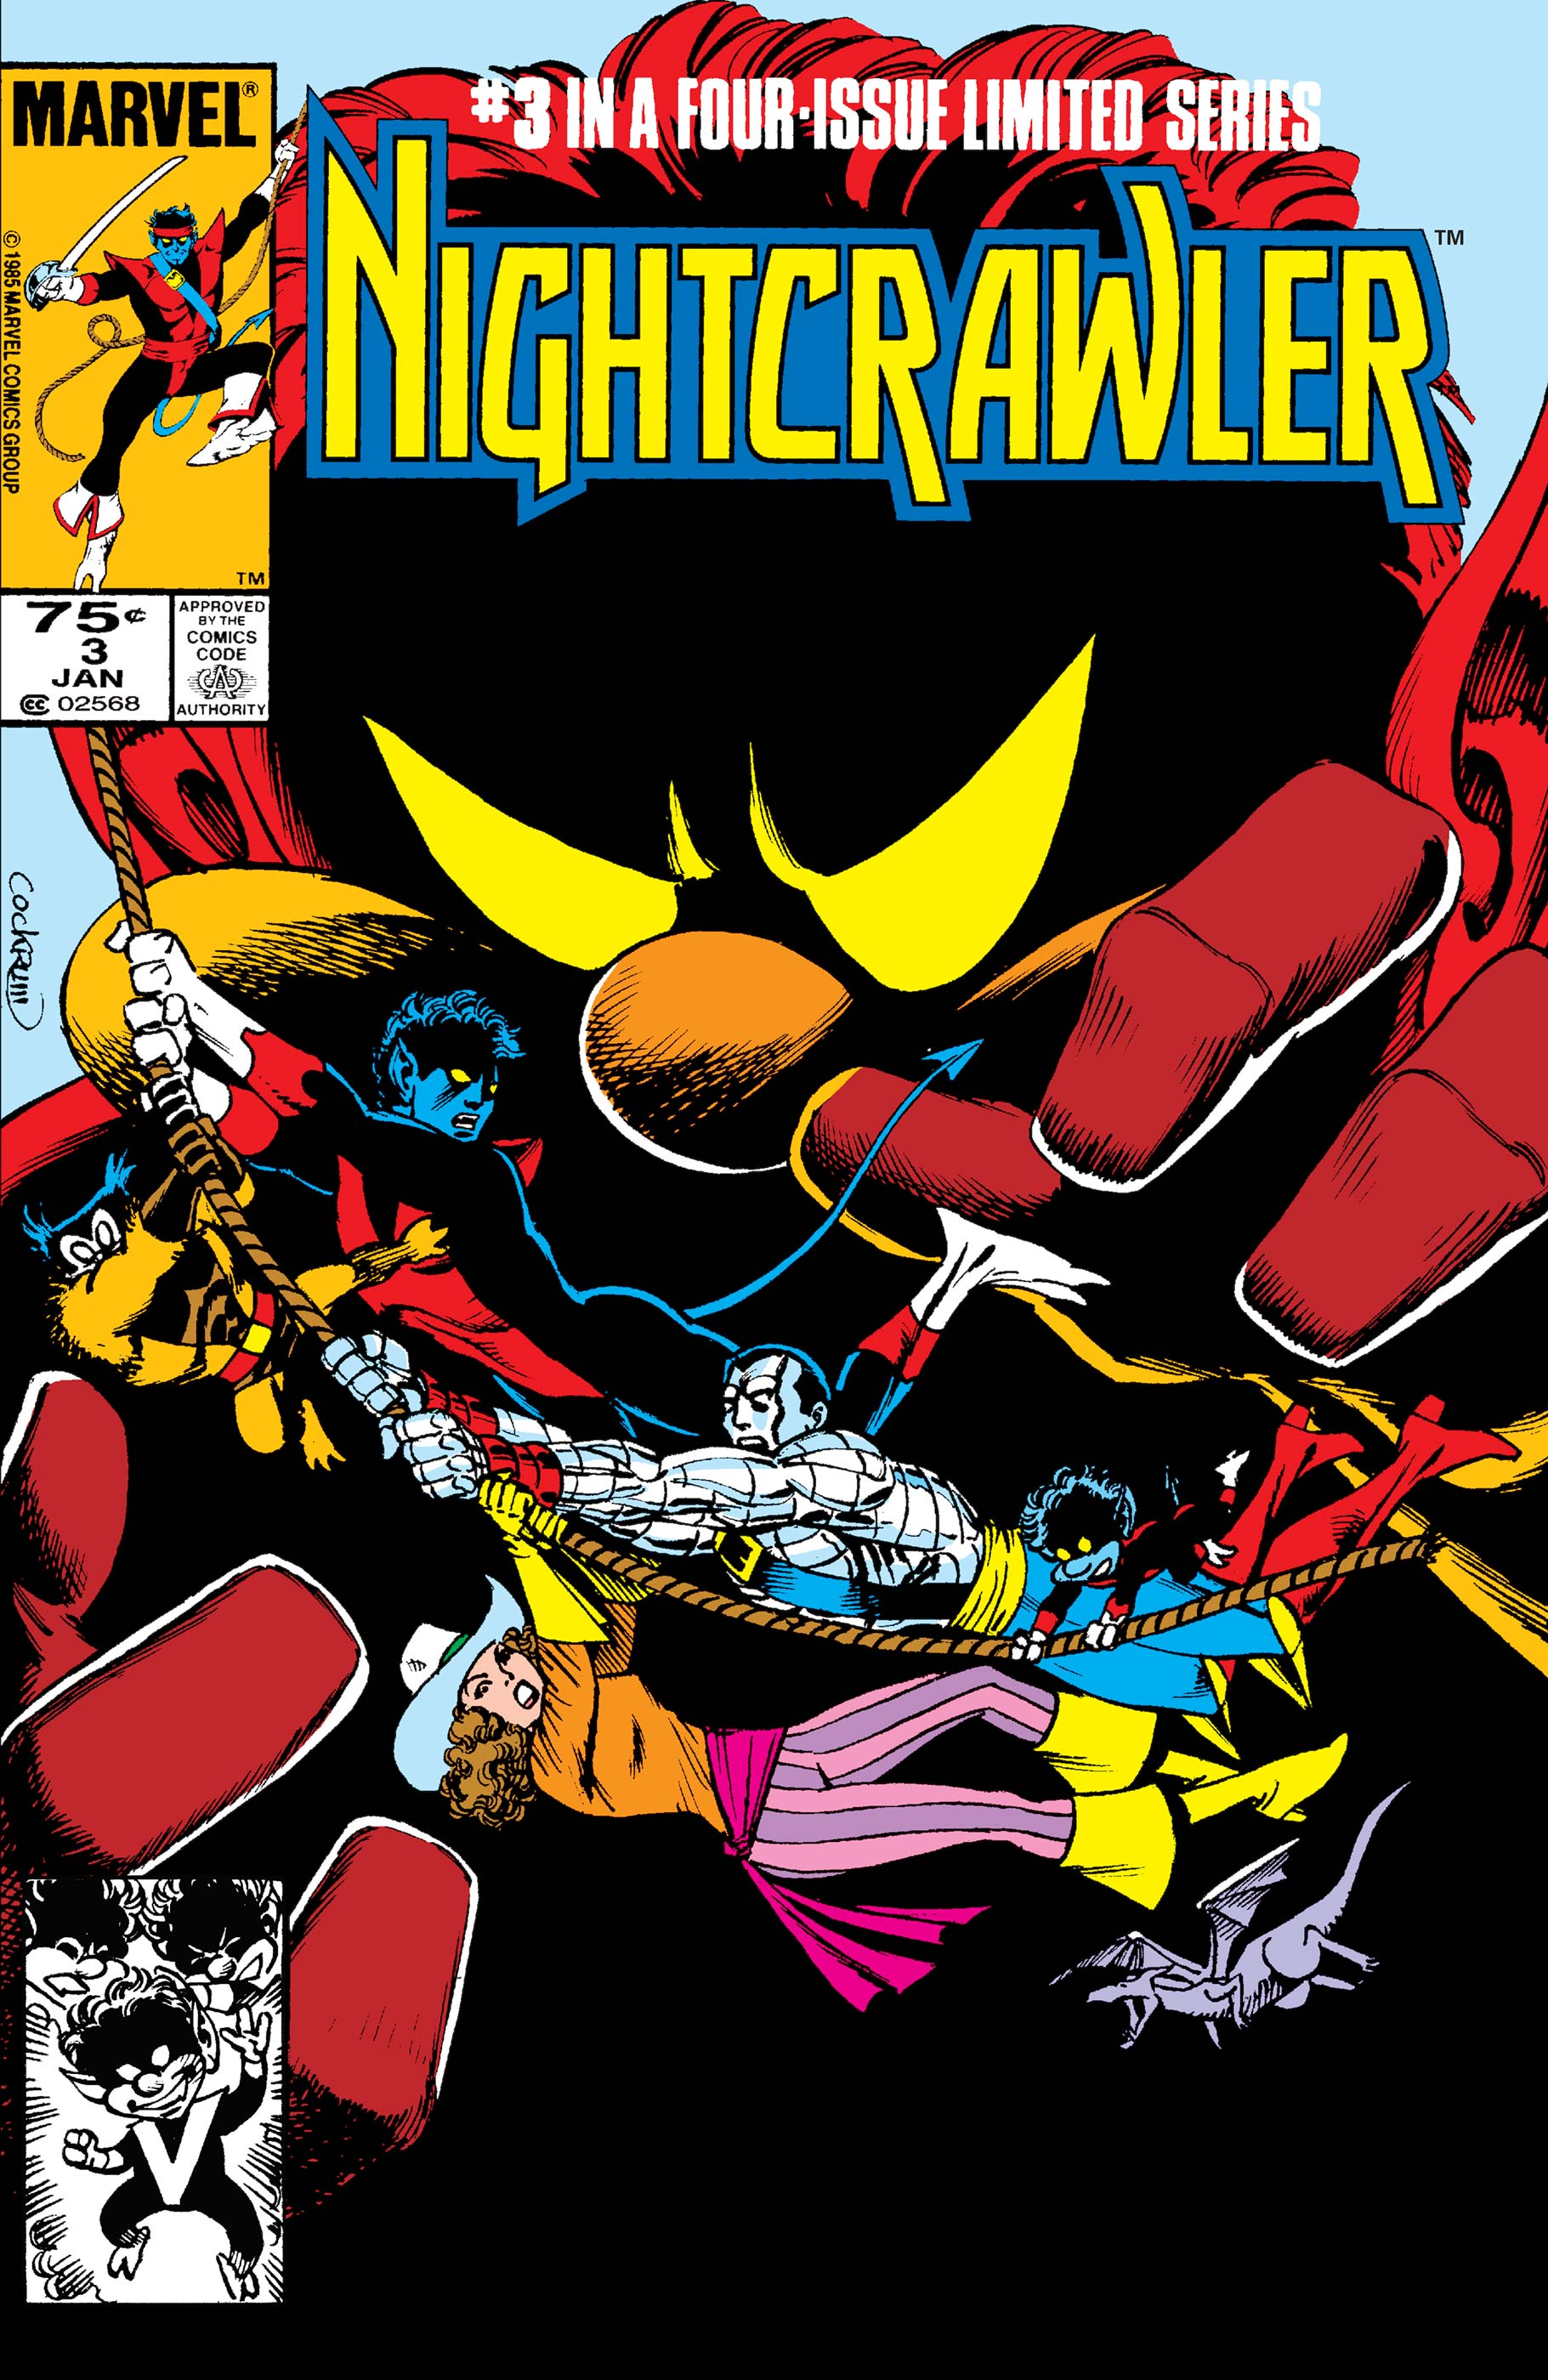 Nightcrawler (1985) #3